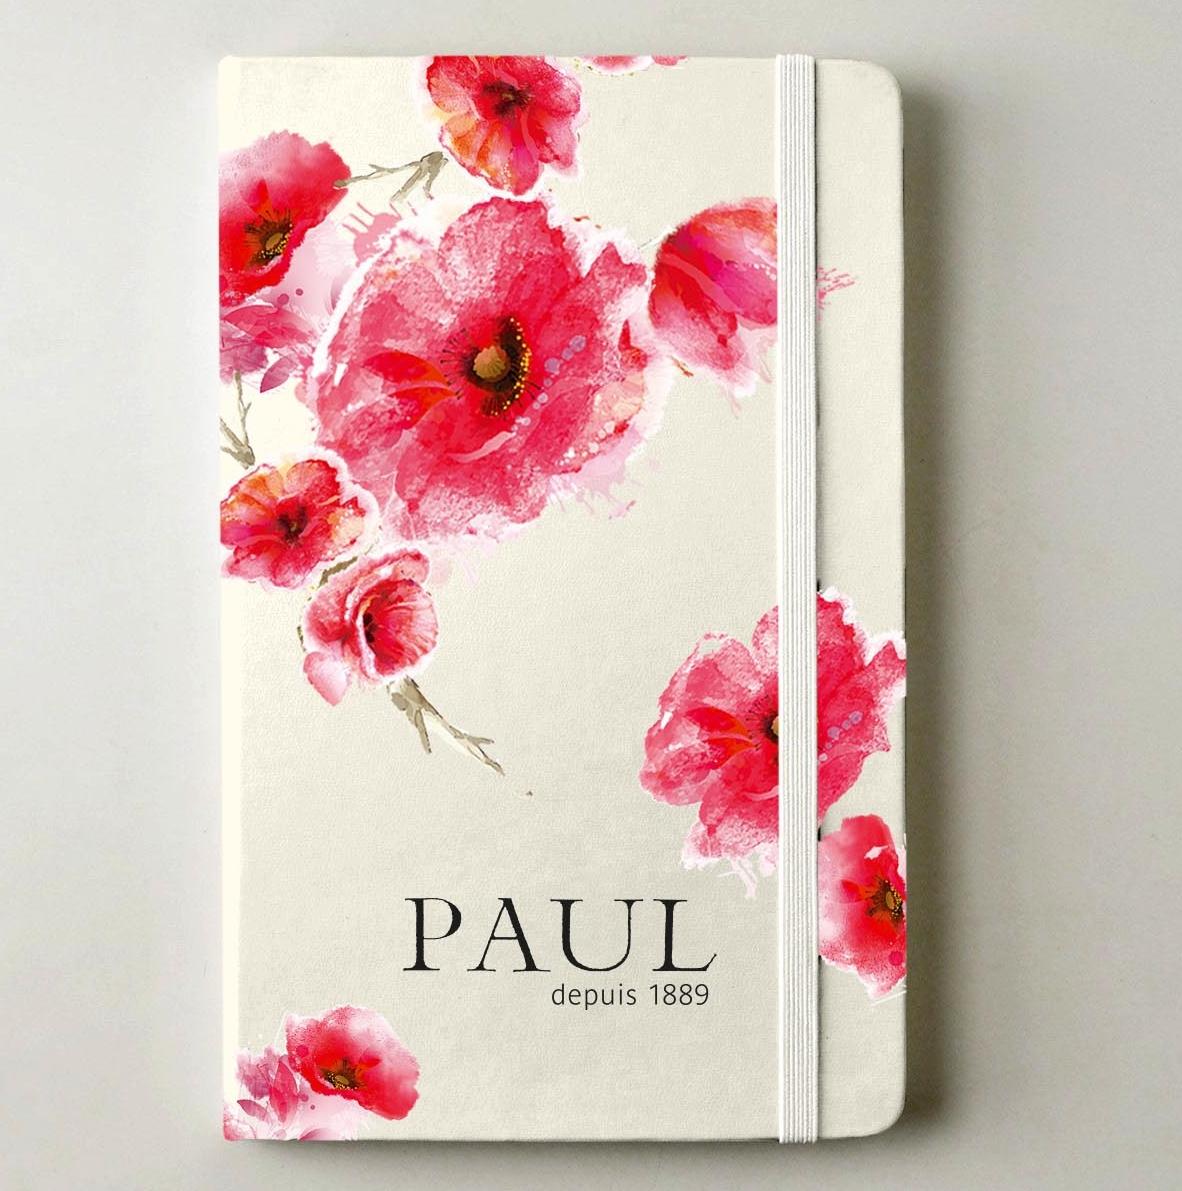 PAUL亞維儂花園筆記本 Garden of Avignon Notebook